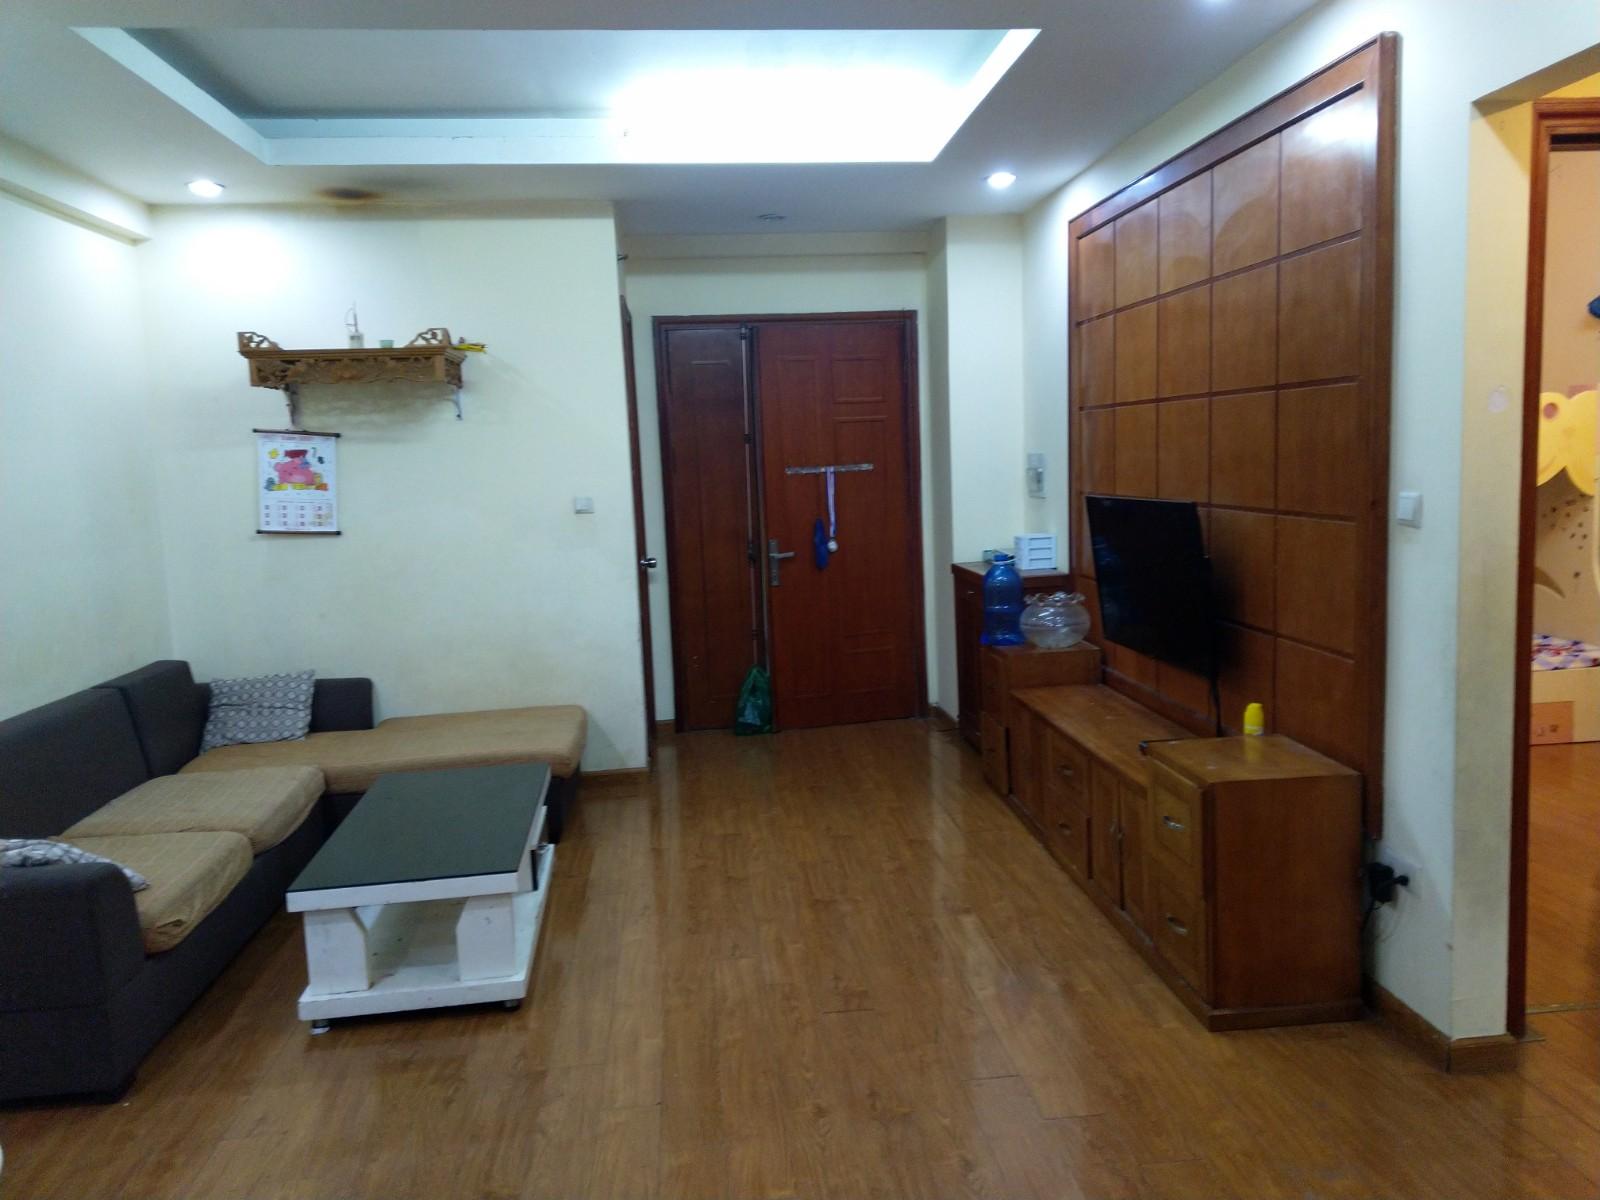 Bán căn hộ 2PN chung cư Green House Việt Hưng Long Biên full đồ